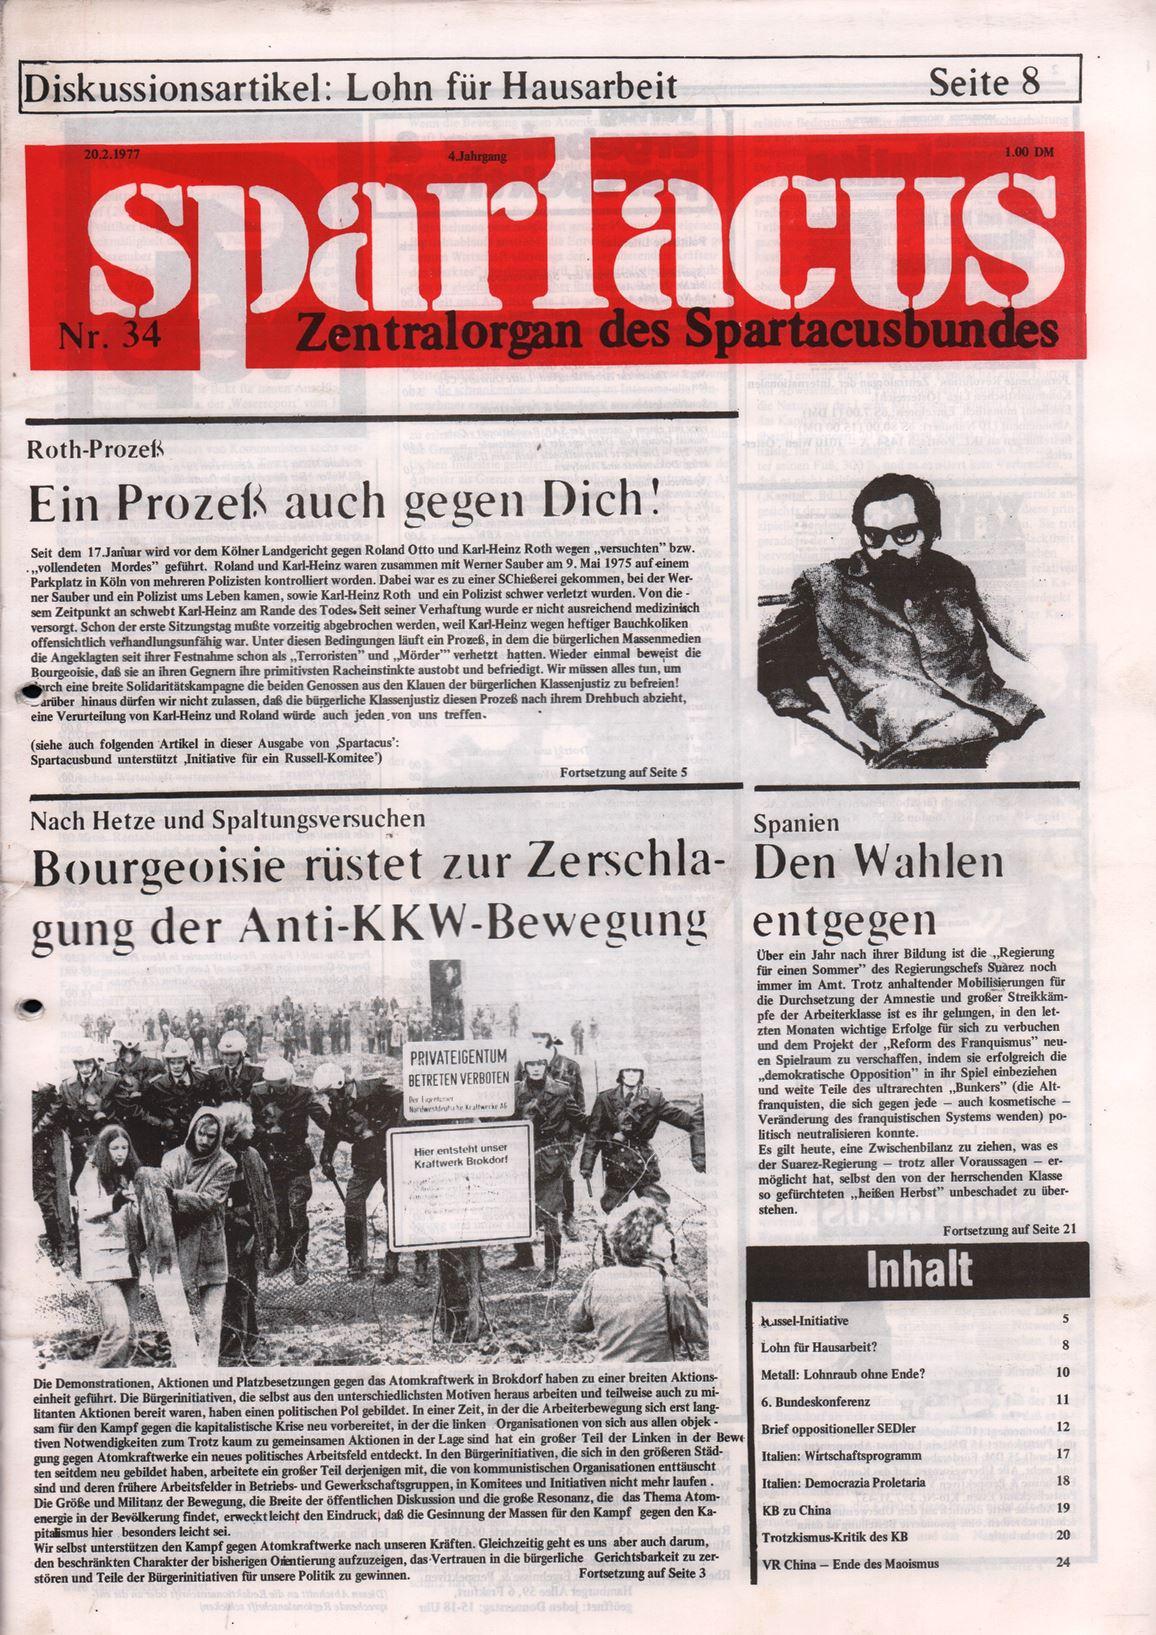 Spartacus_ZO2_259